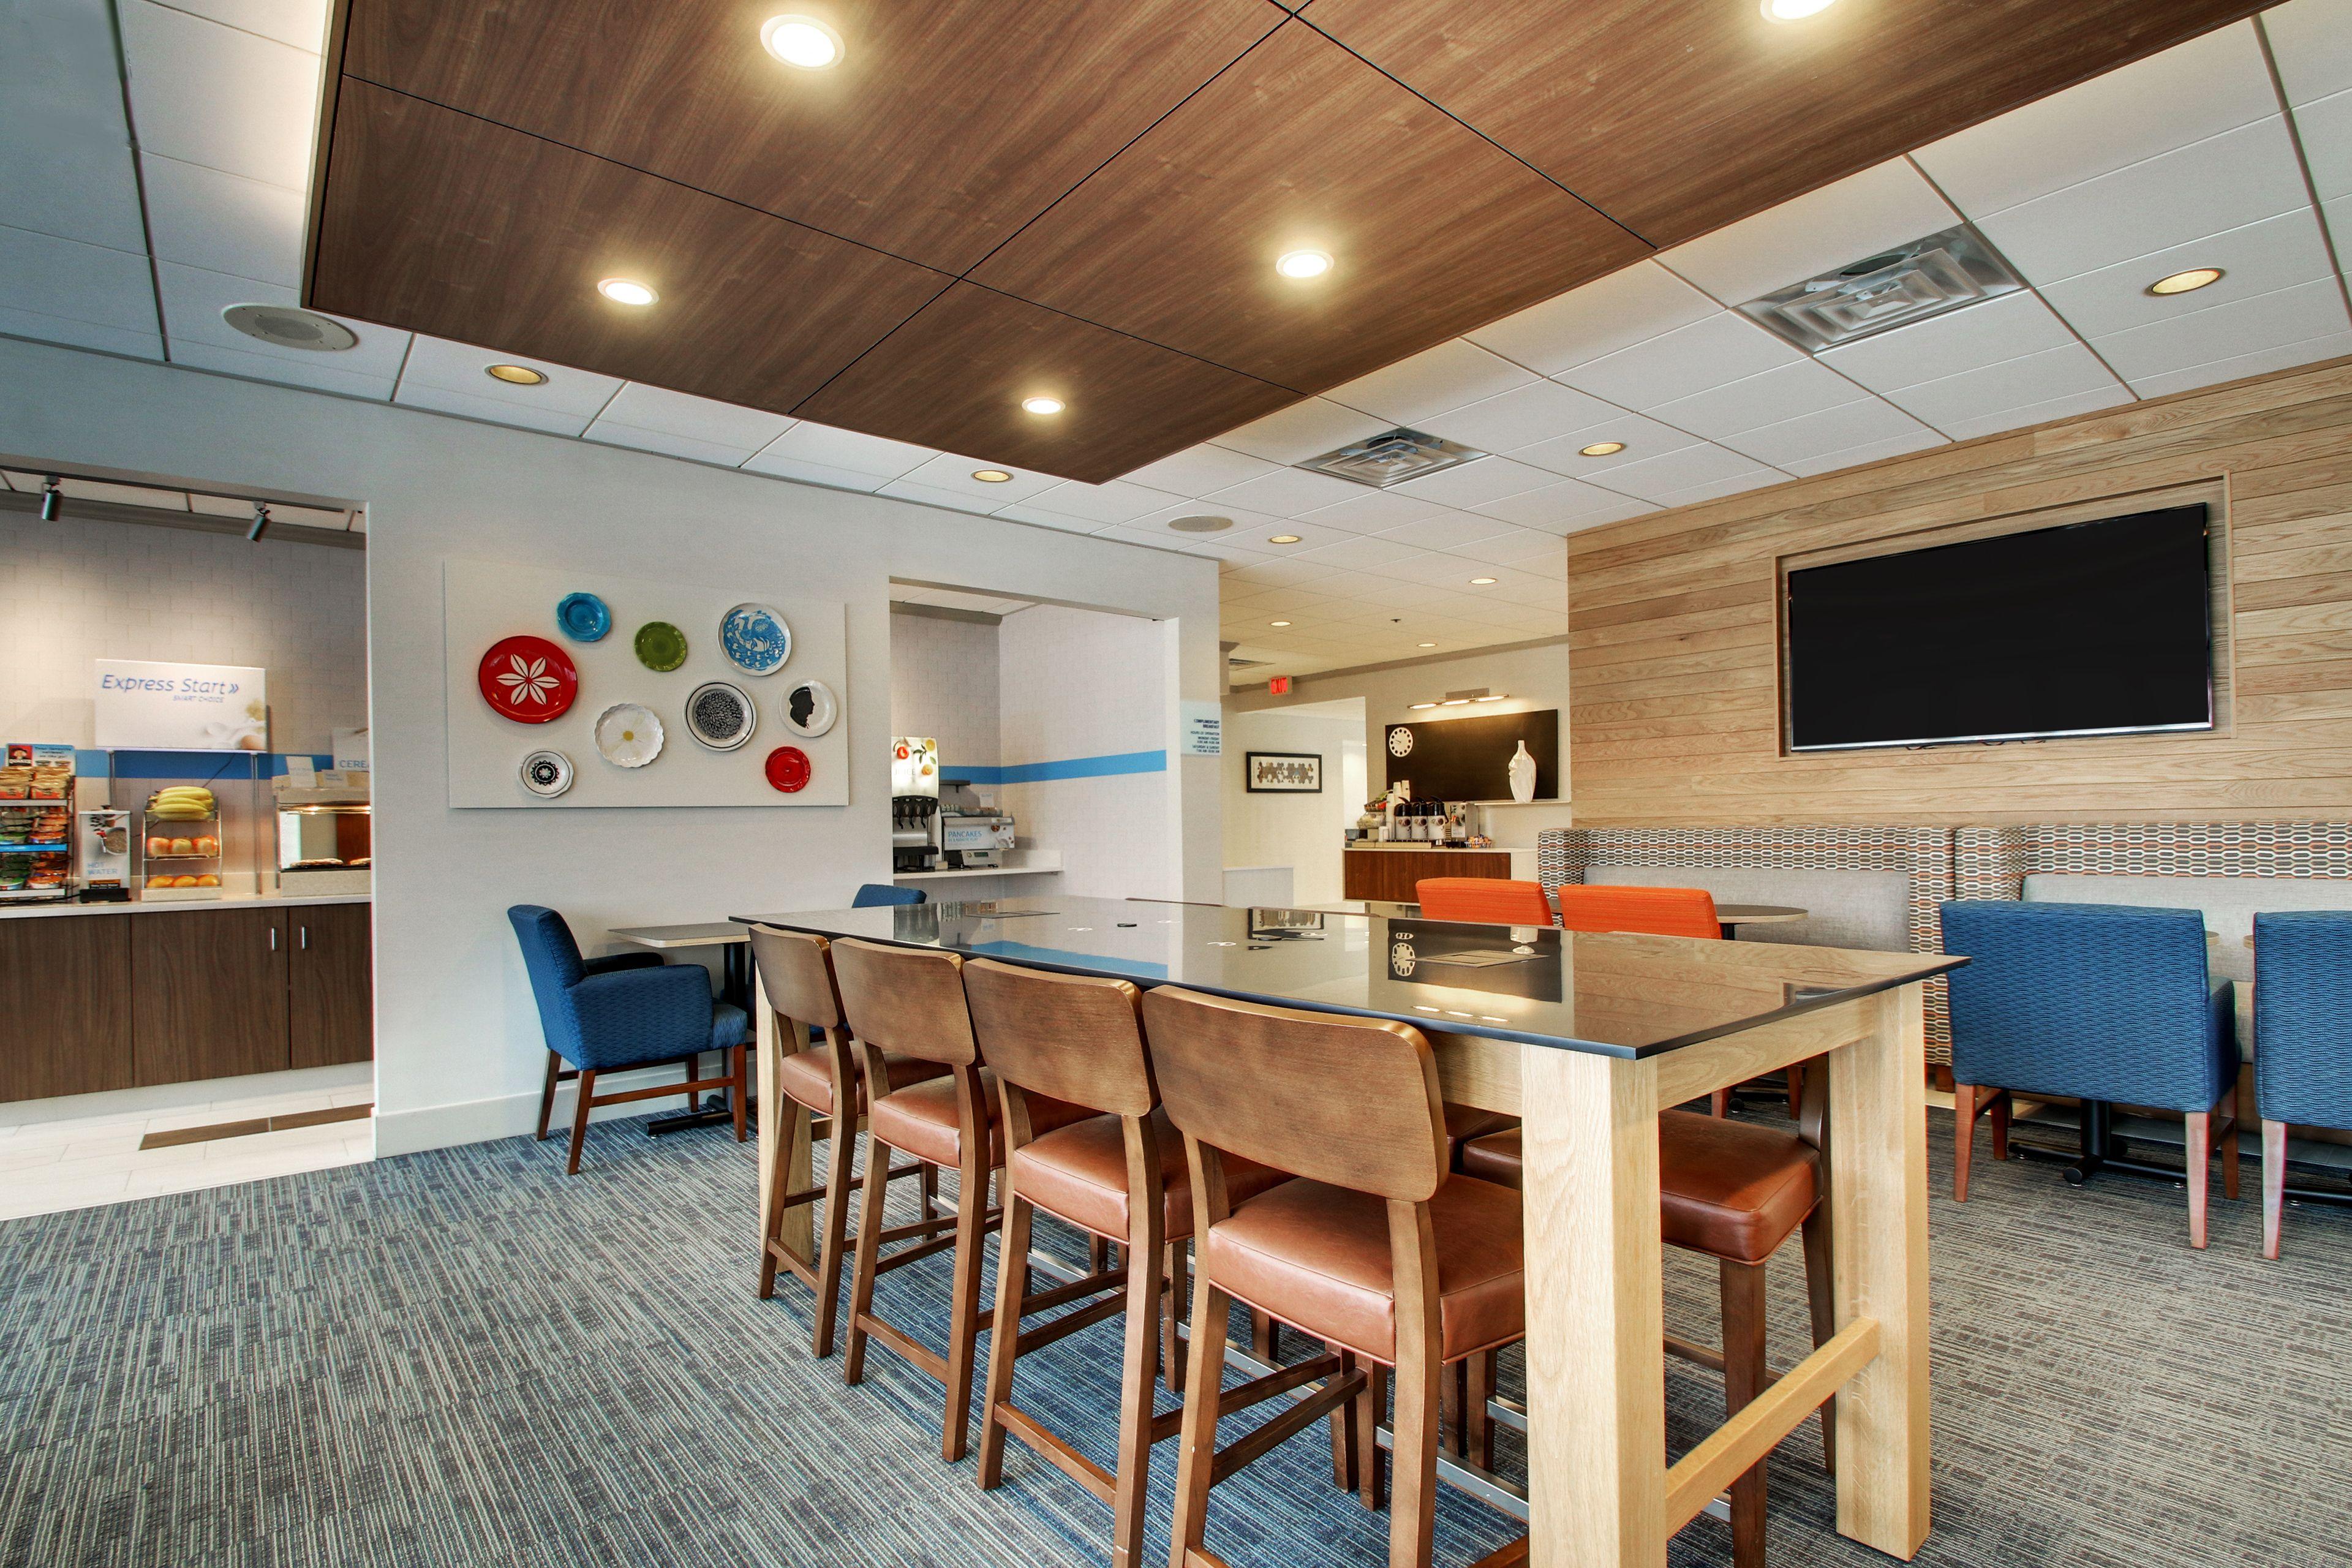 Holiday Inn Express Poughkeepsie image 4